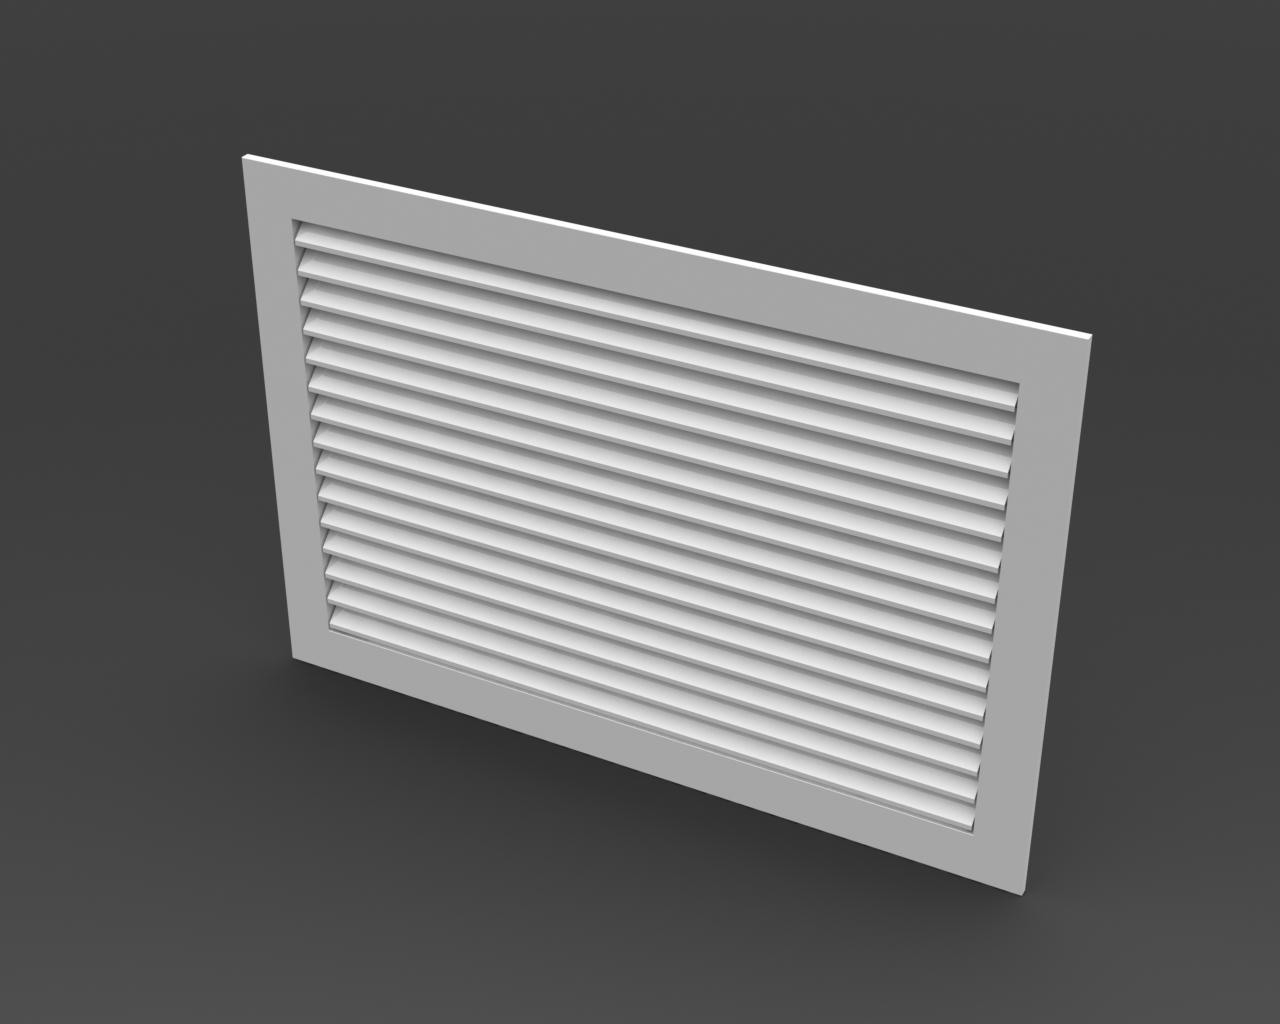 Extruded Aluminum Angle Sizes